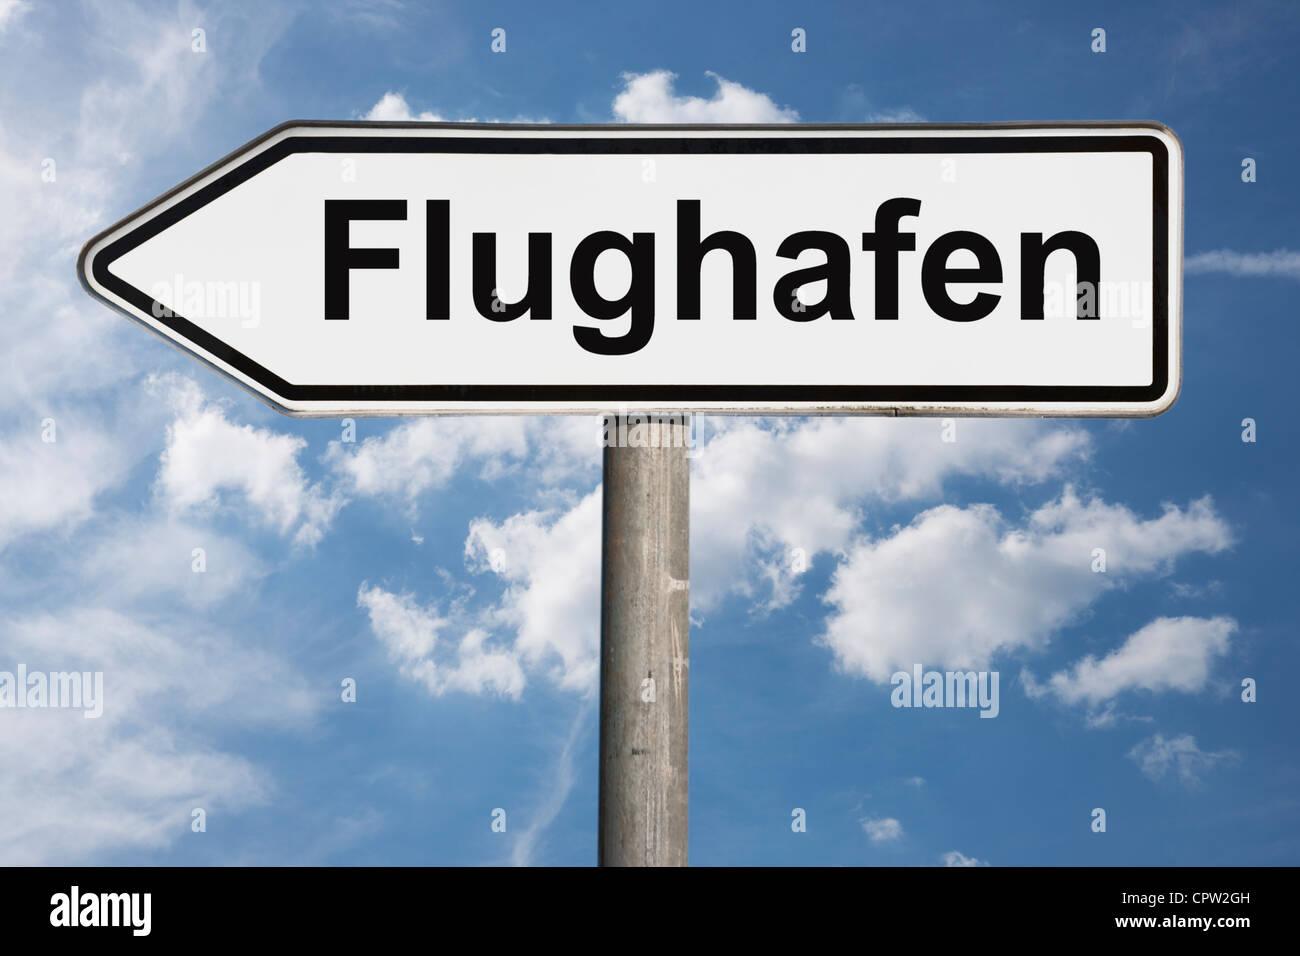 Detailansicht eines Wegweisers mit der Aufschrift Flughafen | Detail photo of a signpost with the German inscription - Stock Image